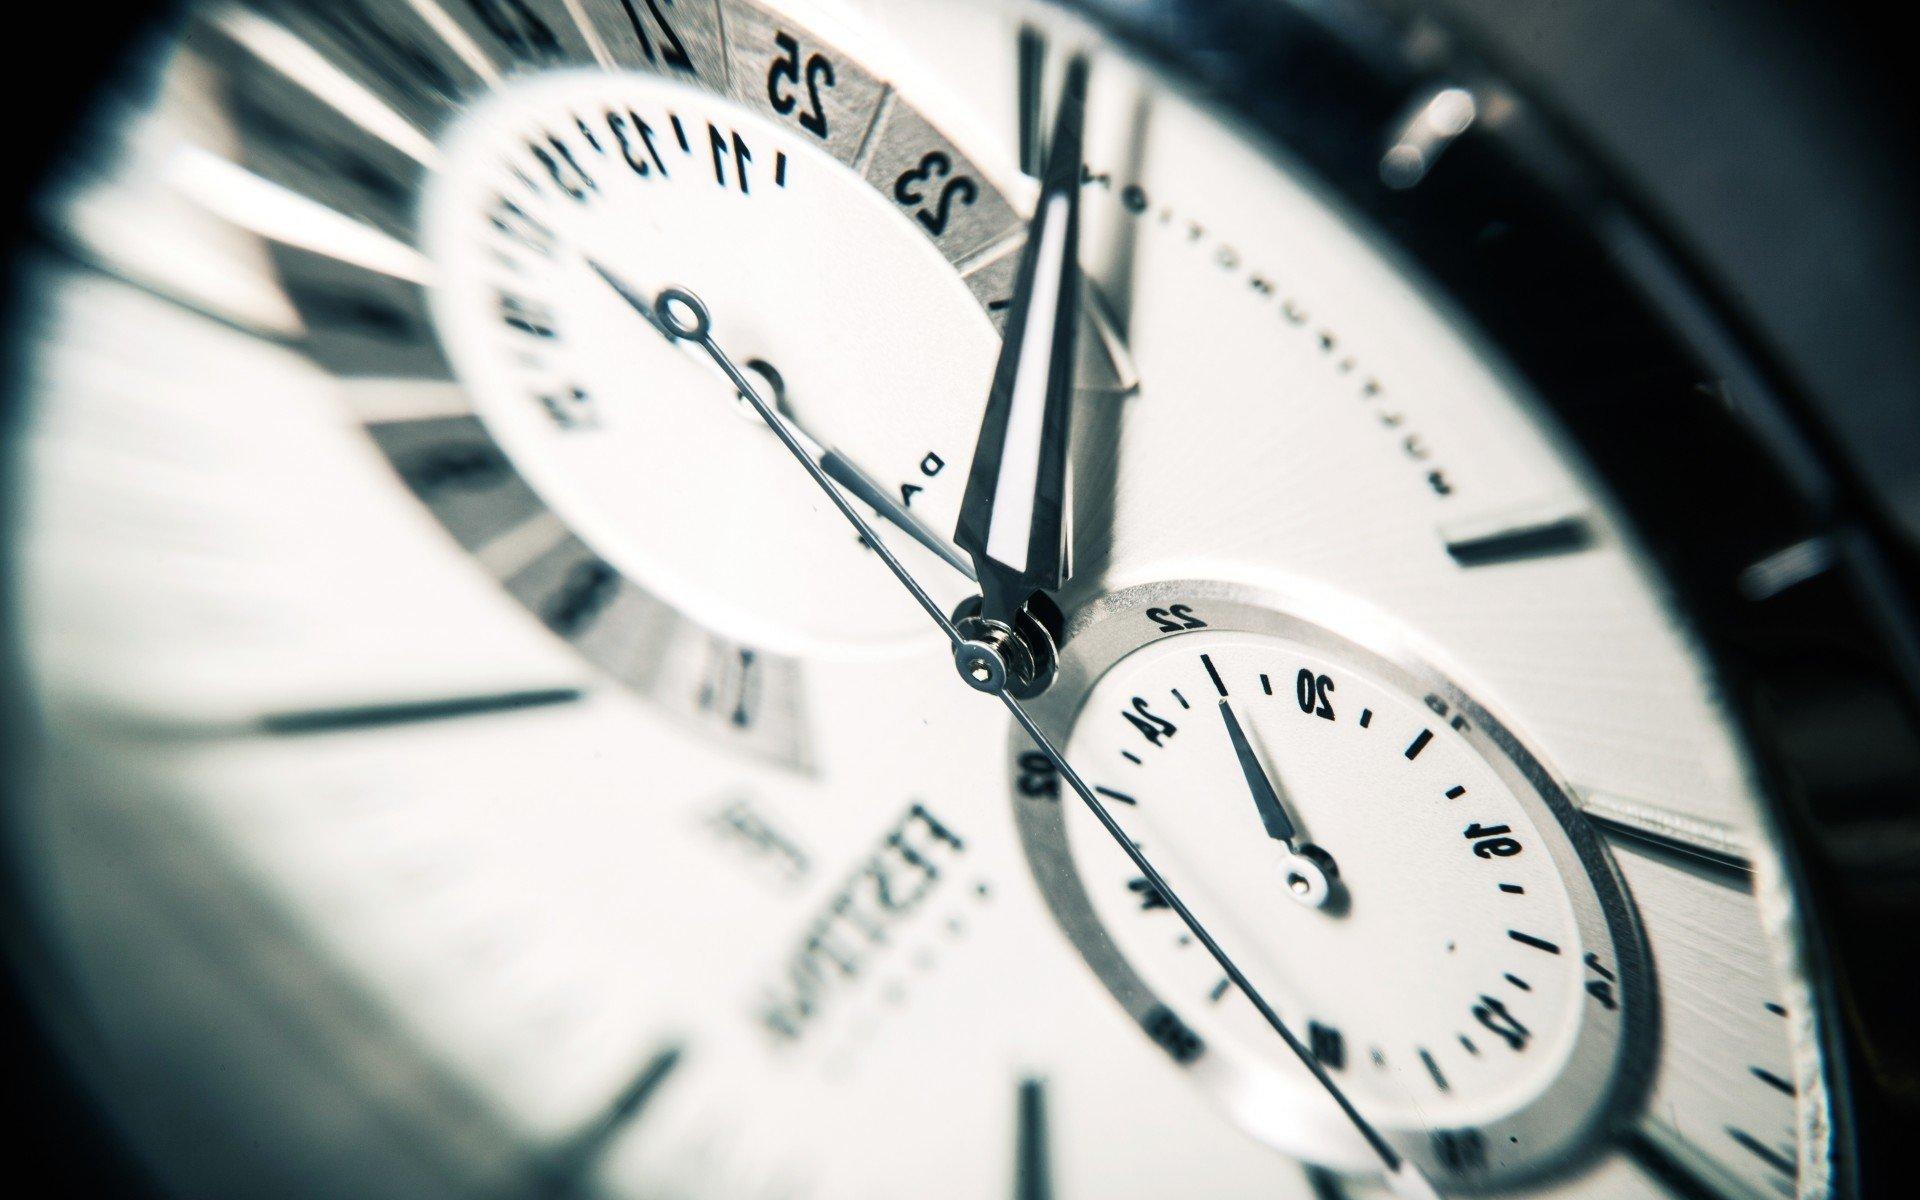 Markenuhren  Tipps für den Uhrenkauf: So kaufen Sie Markenuhren billig ...